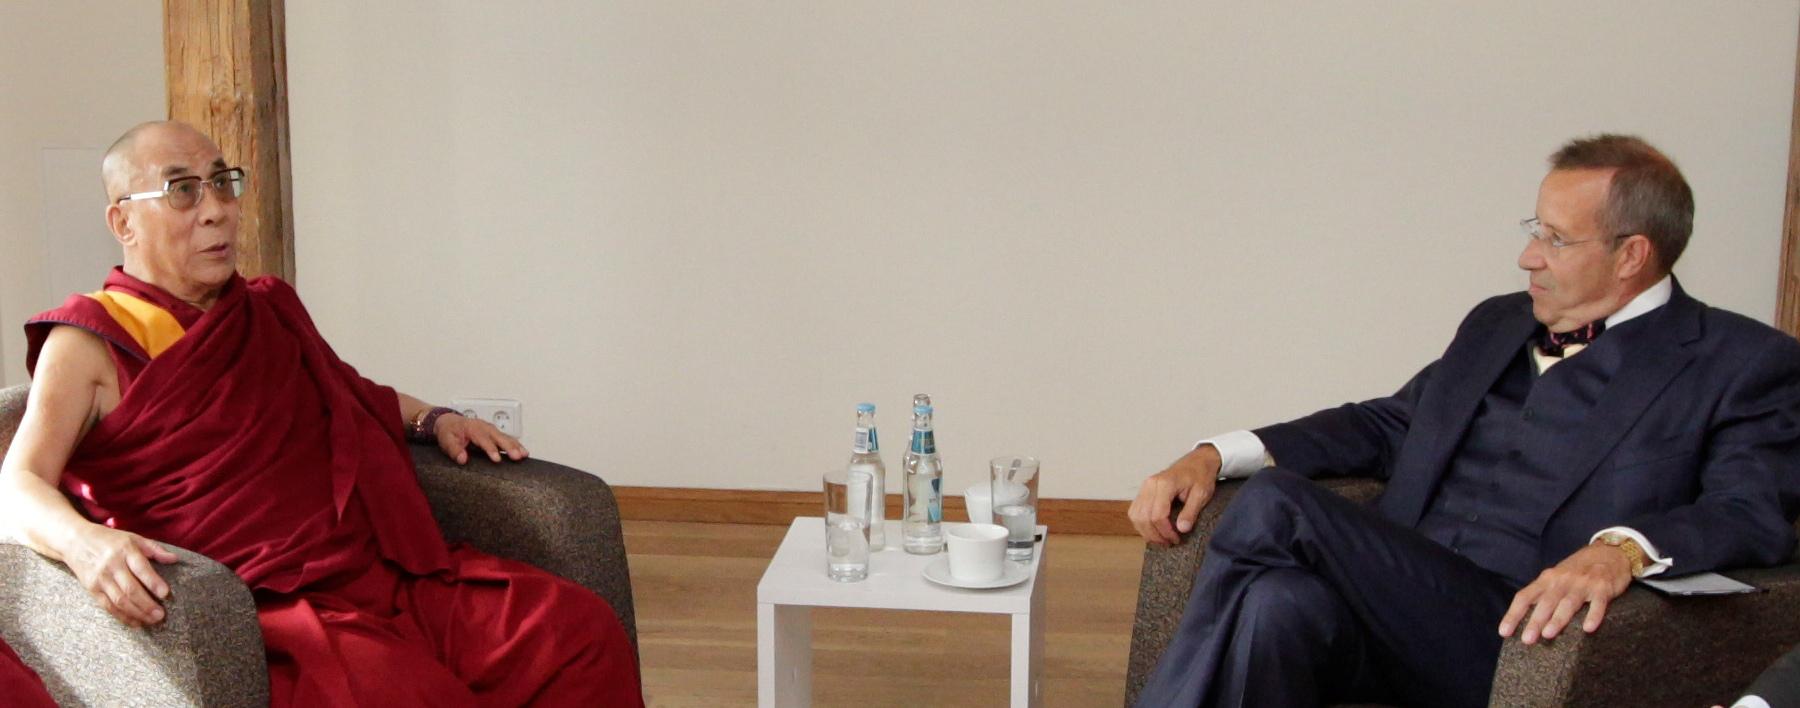 Foto: Jarek Jõepera / presidendi kantselei